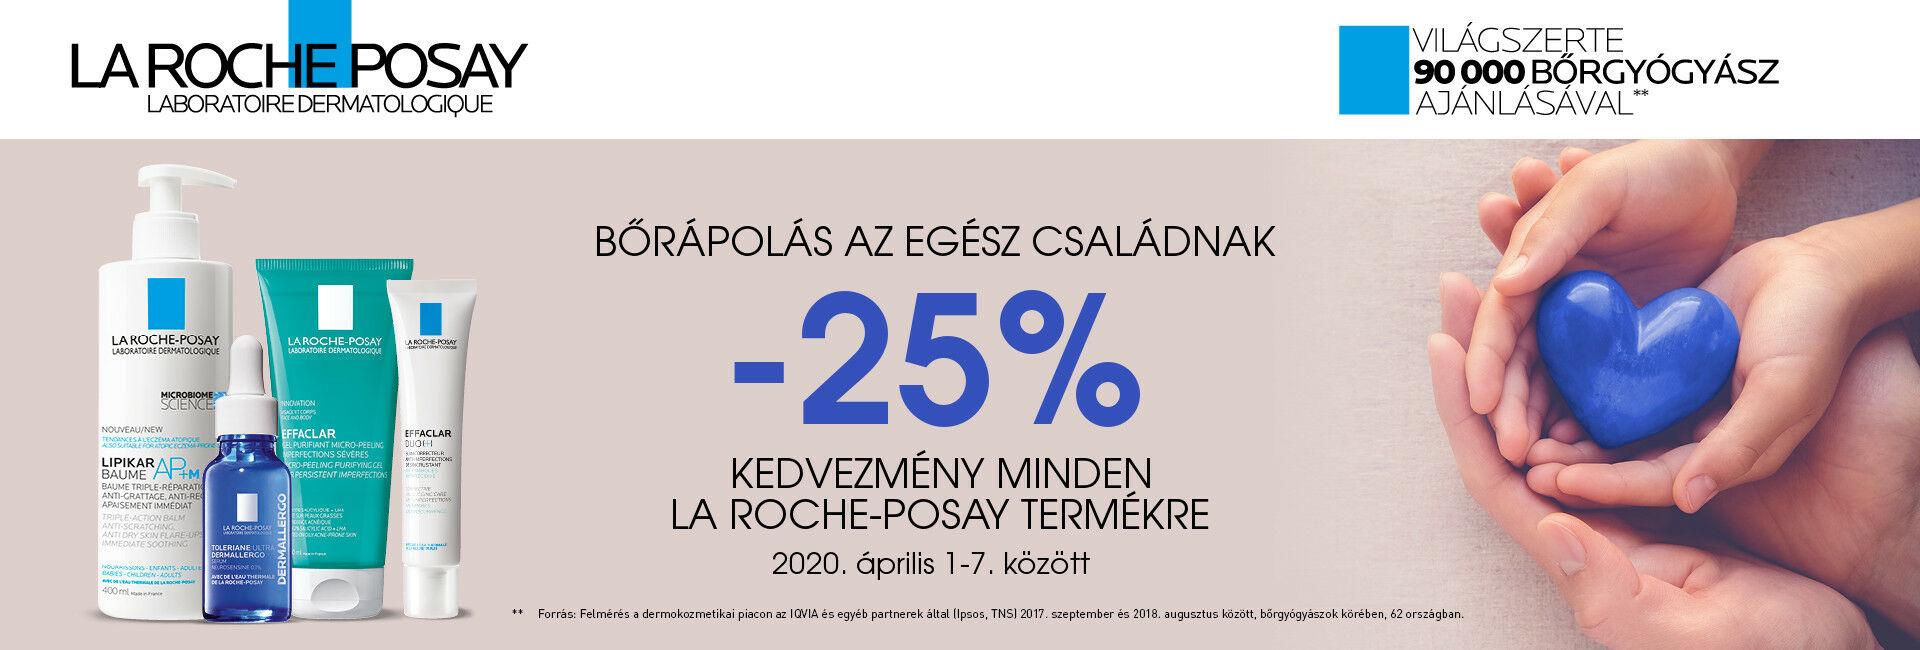 2020. április 2-9. között minden La Roche-Posay termékre 25% kedvezményt adunk!